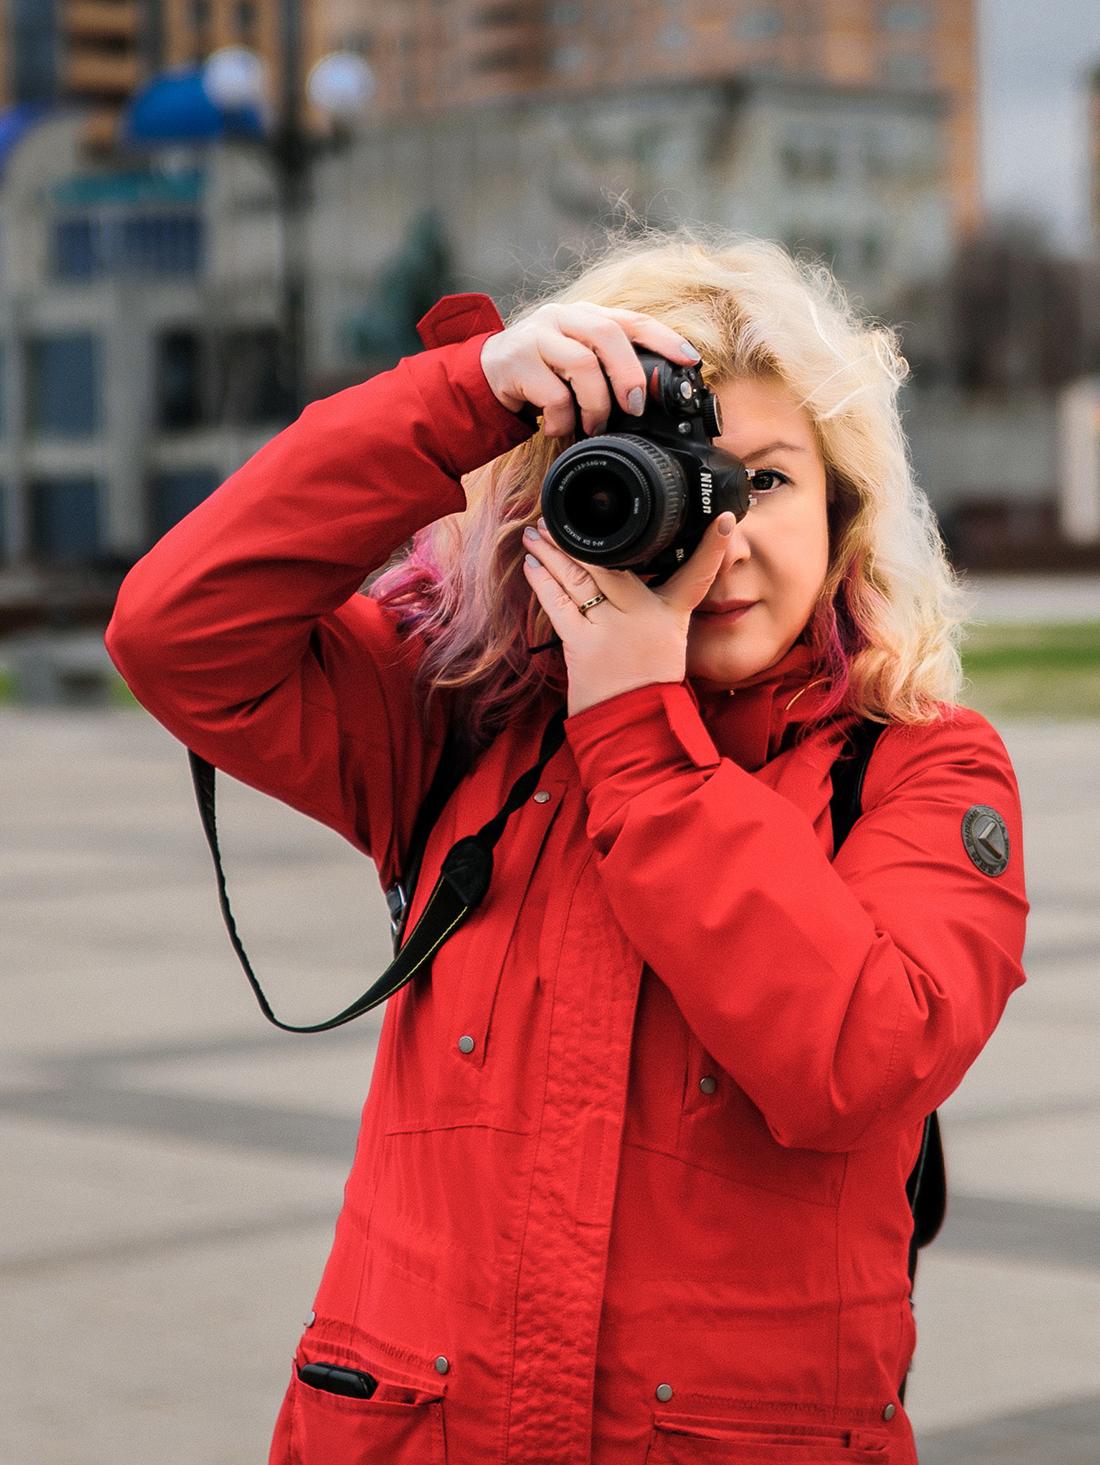 Фотограф из Новороссийска вышла на мировой уровень благодаря …берцам и неформатному взгляду